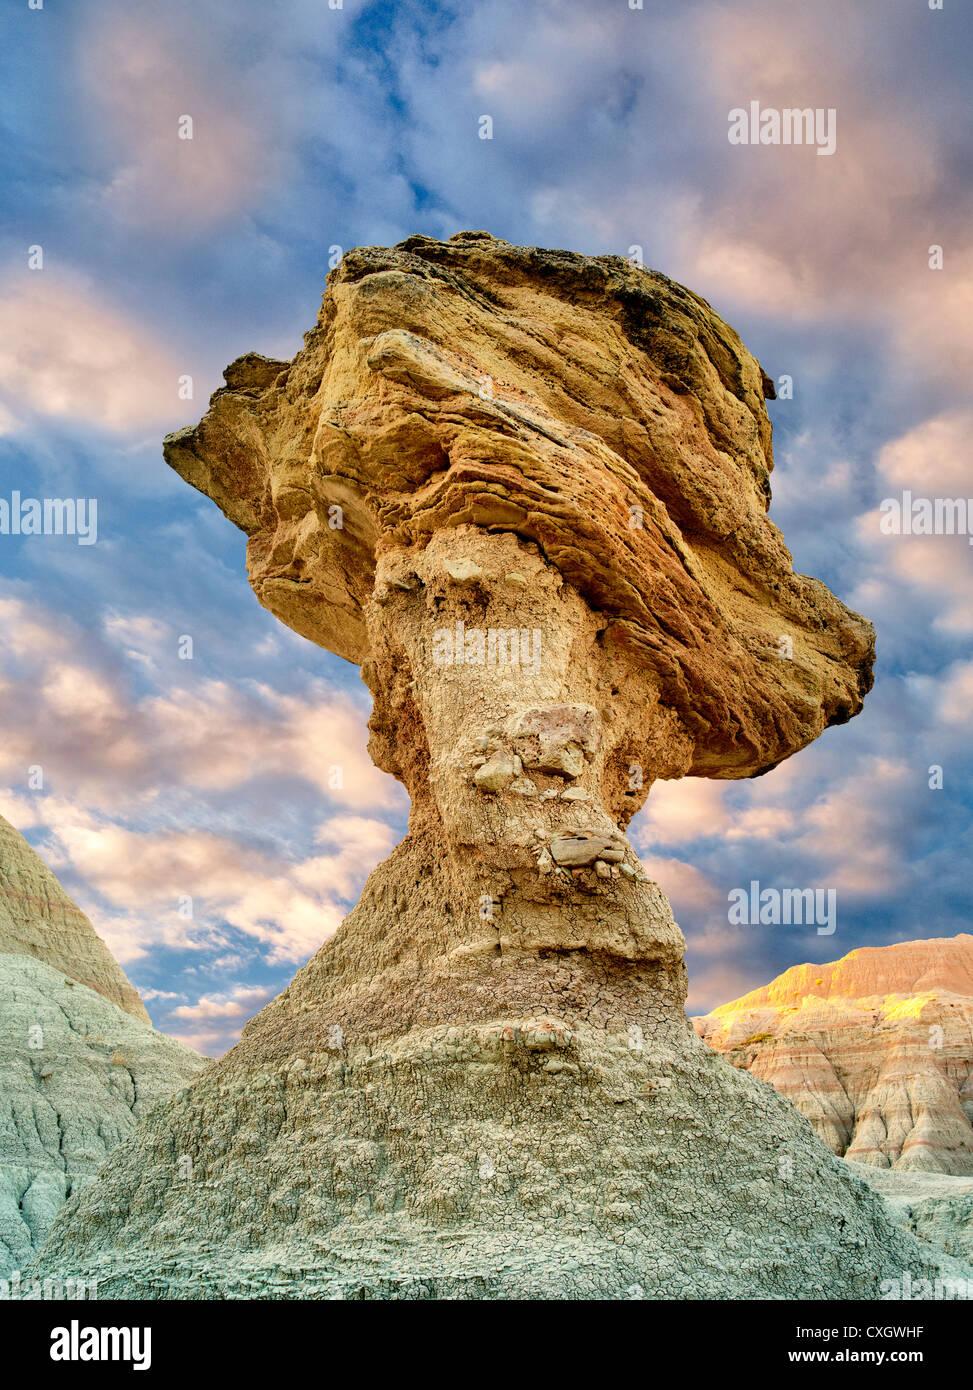 Balancing Rock Badlands National Park South Dakota Stock